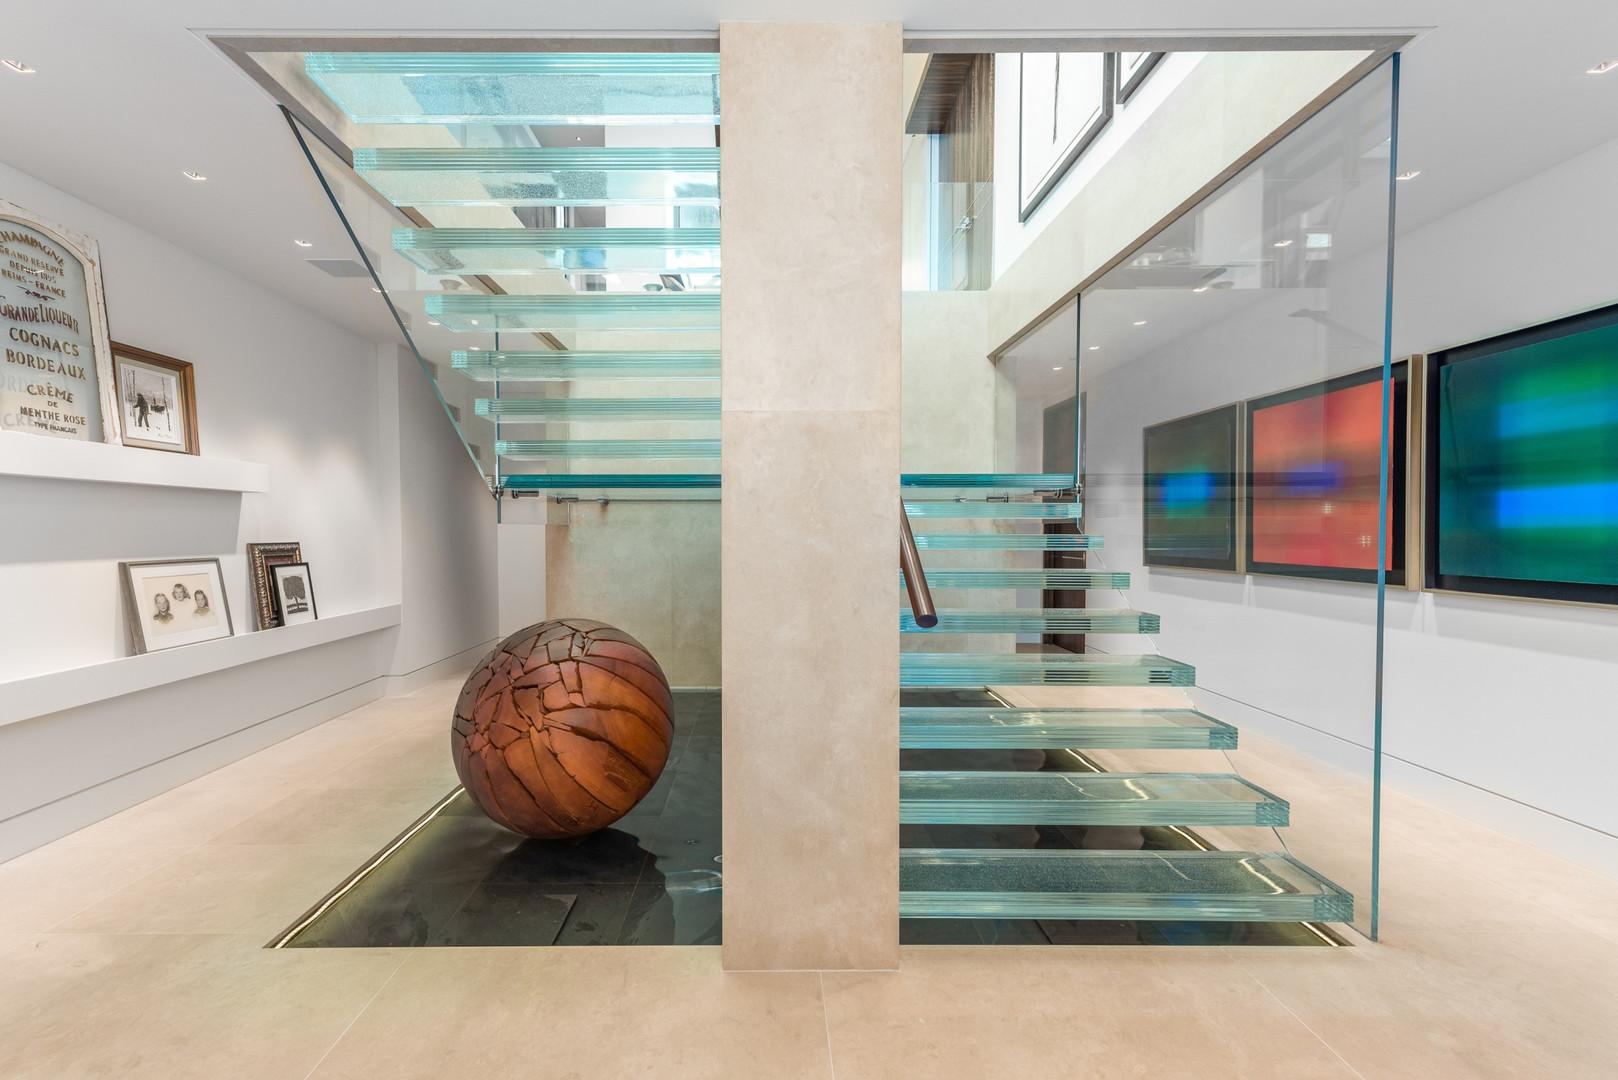 Hollingsworth-Staircase-1-2.jpg